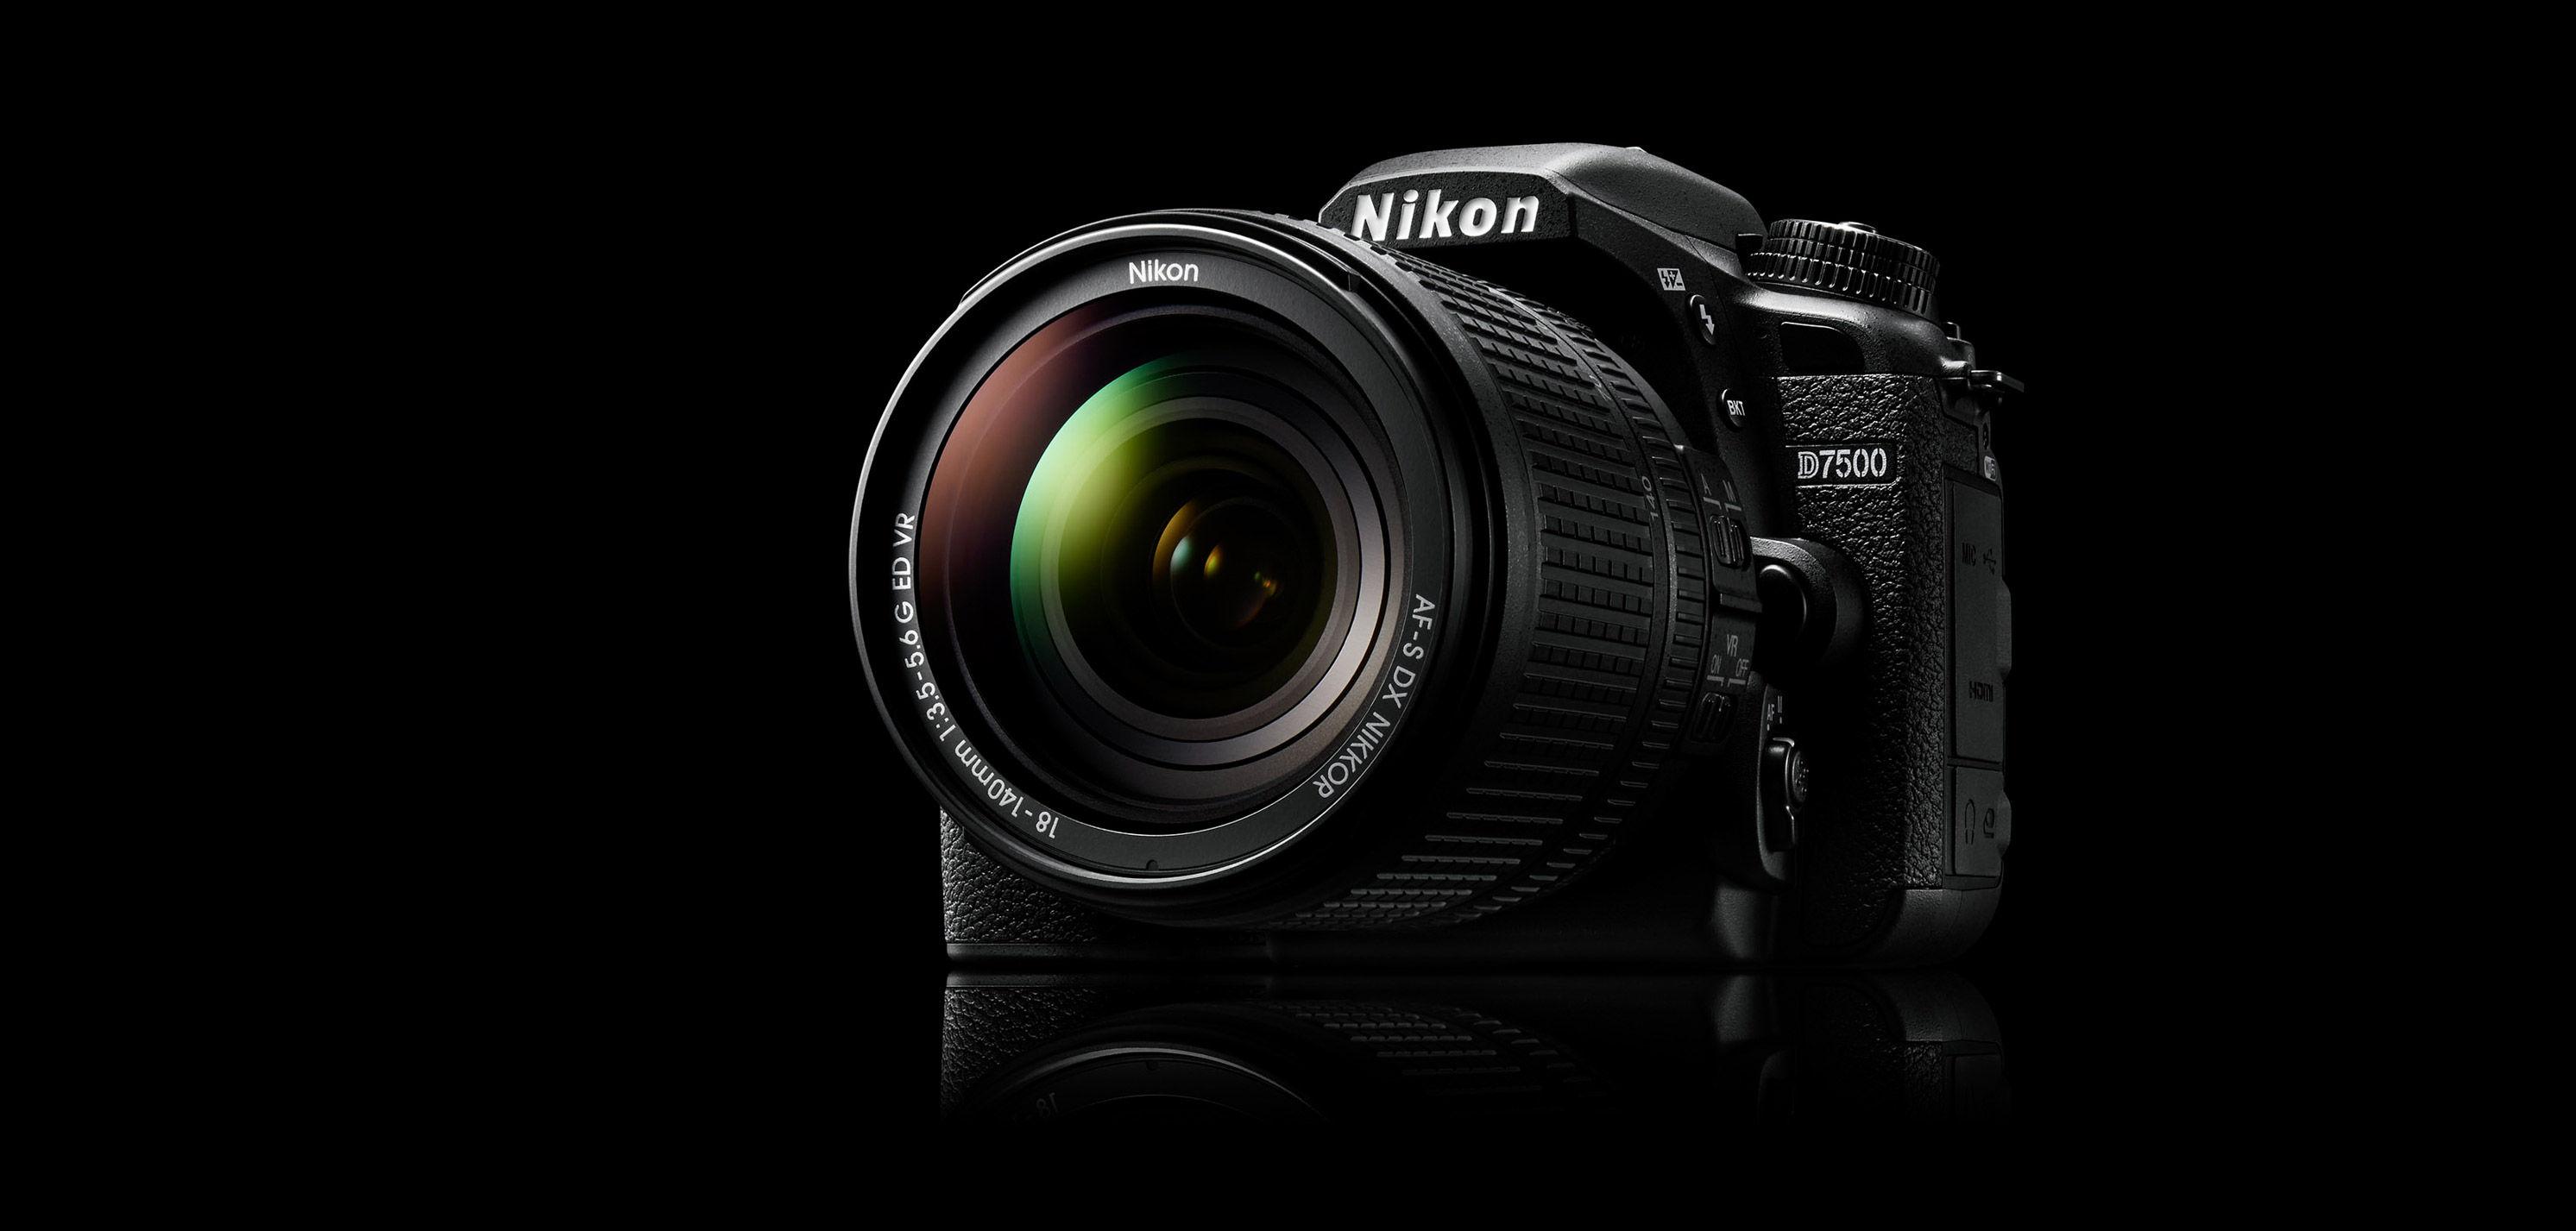 Nikon D7500 Body w/ AF-S DX NIKKOR 16-80mm VR Lens